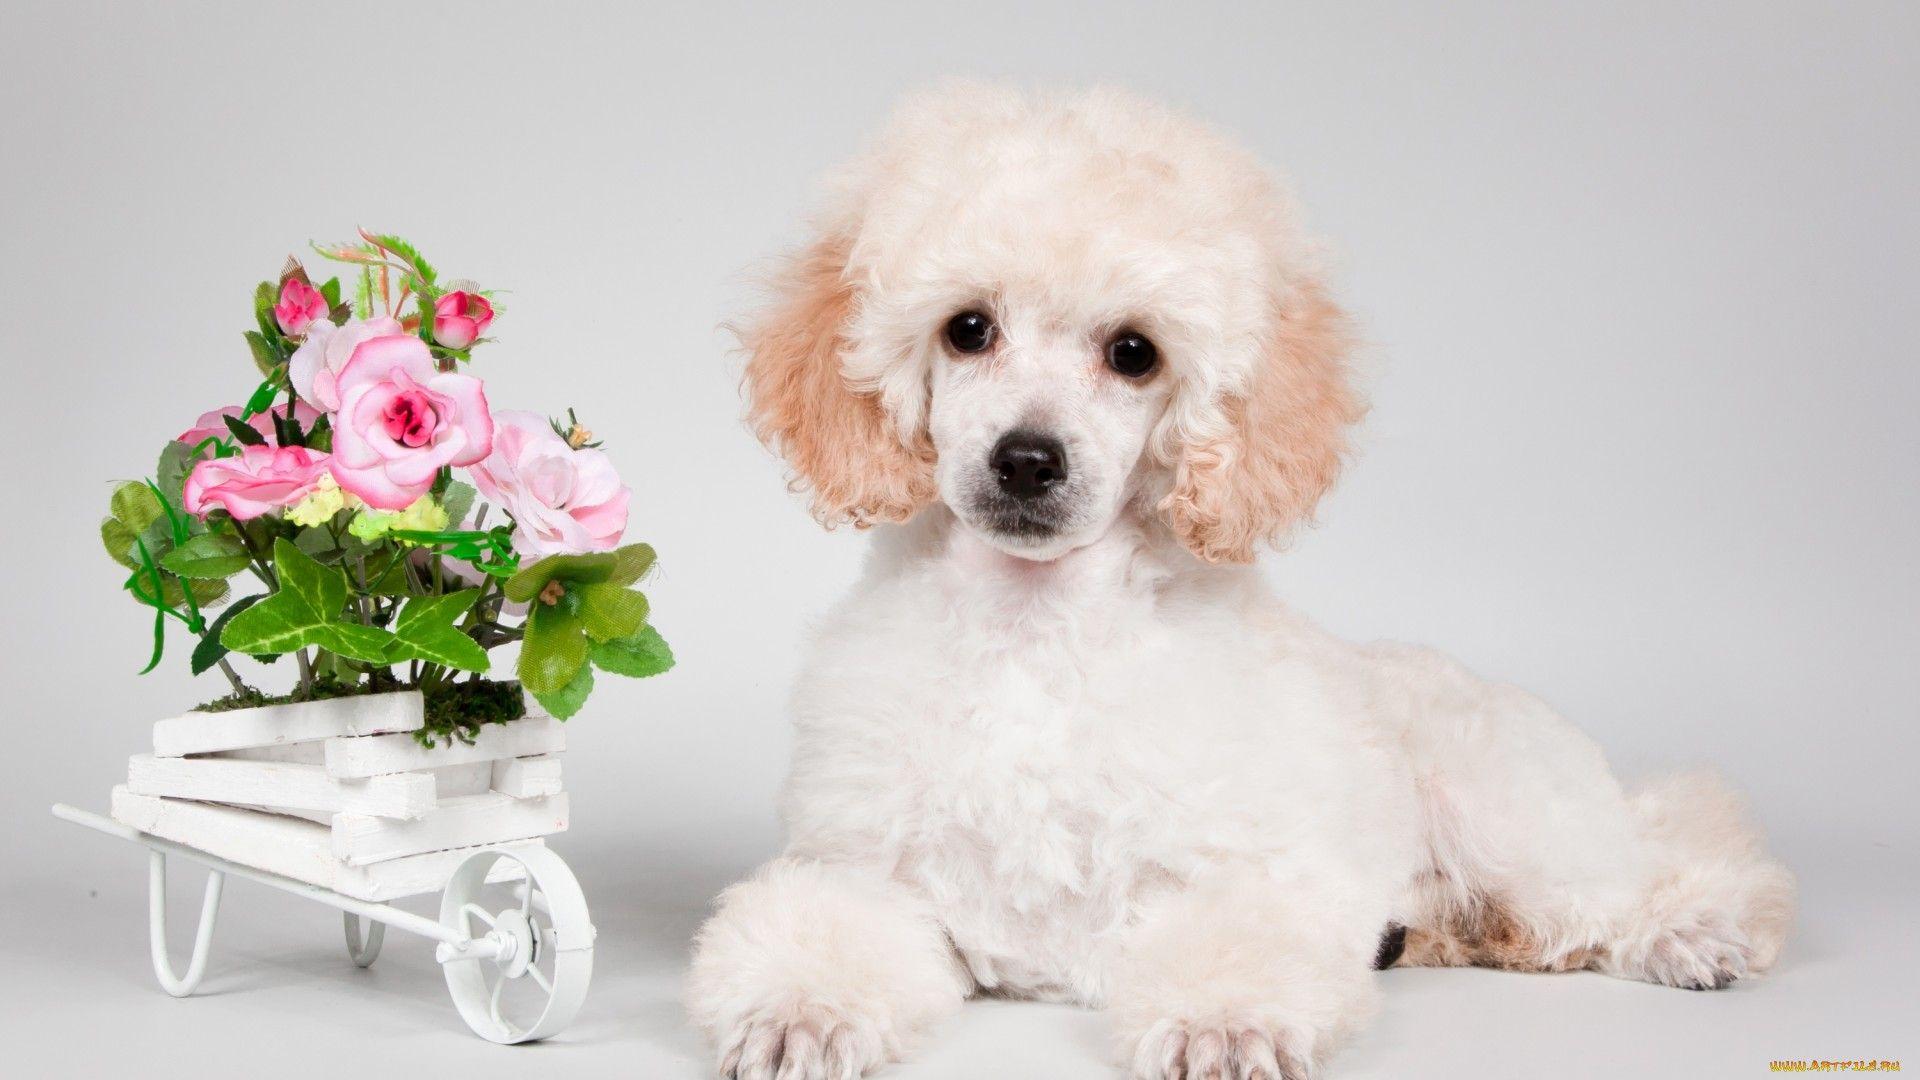 Сколько стоит щенок пуделя